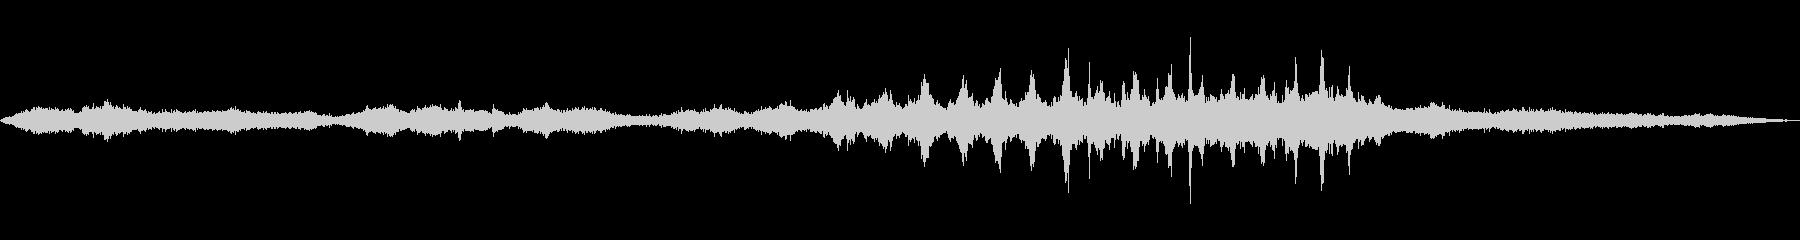 フレームドラムMtlスクレイプ3の未再生の波形